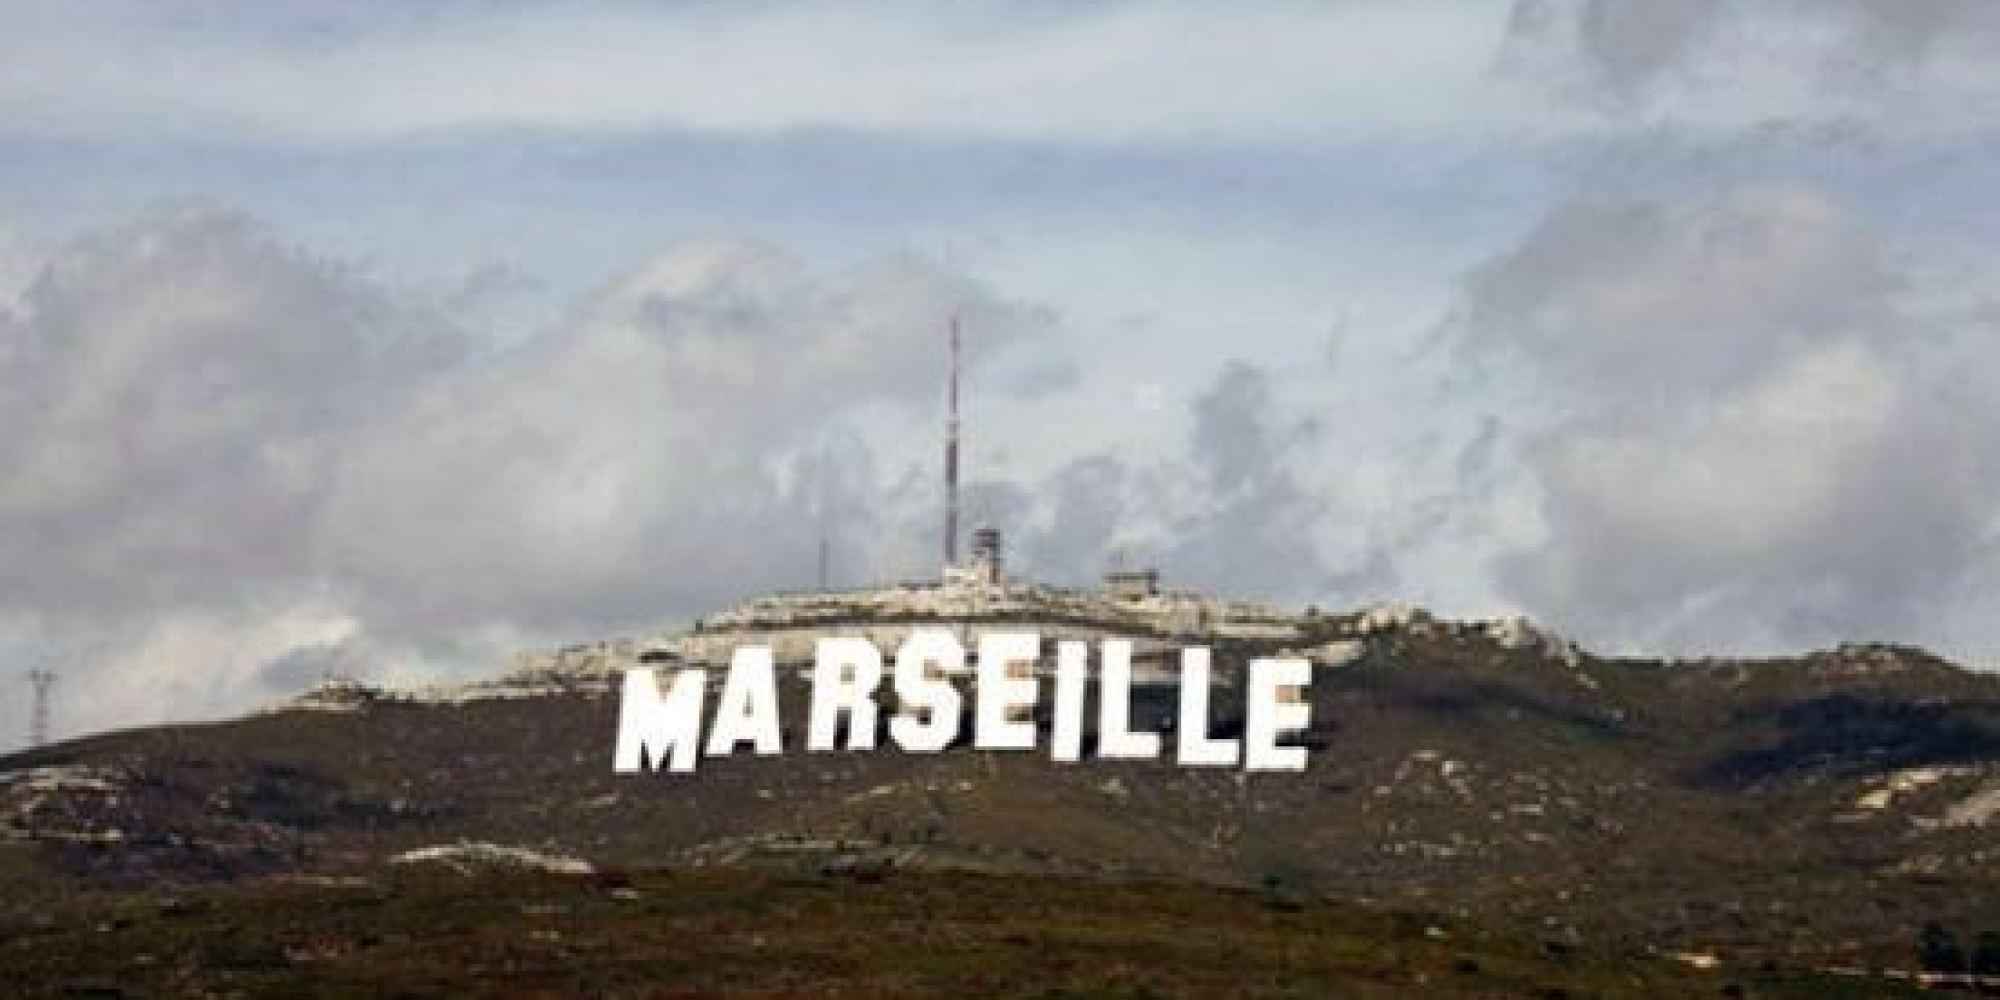 Photos la ville de marseille fait la promo de sa s rie netflix avec des lettres g antes comme - La maison des fondues marseille ...